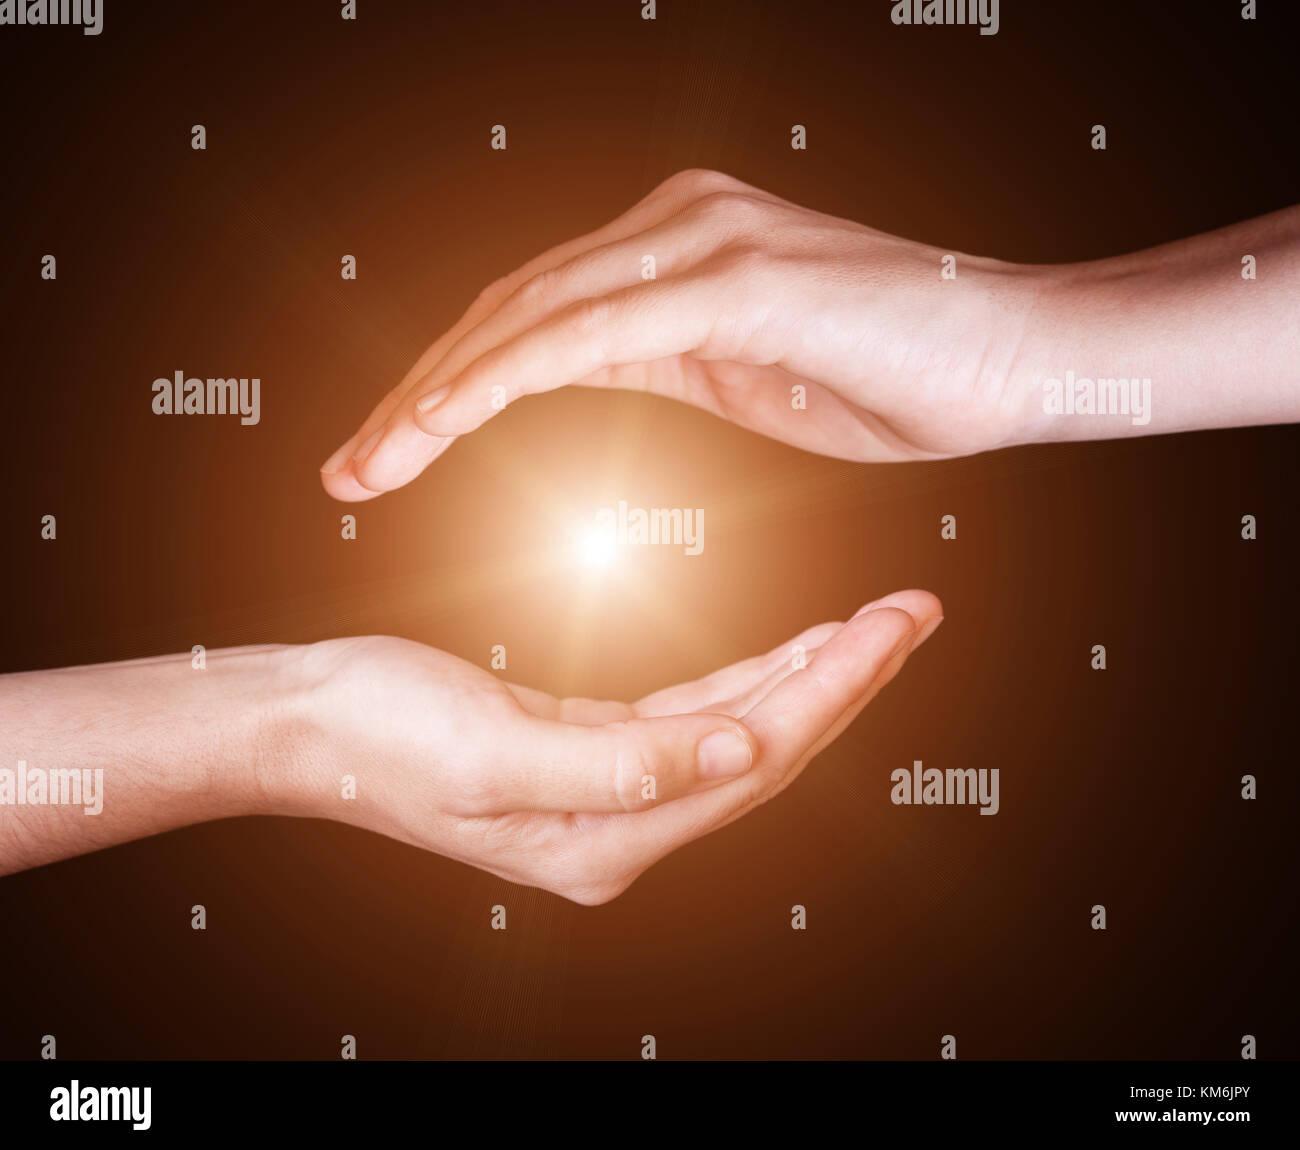 Donna proteggere mani e contenente luminose, incandescente, radiosa, luce splendente. raggi in fasci o espansione Immagini Stock